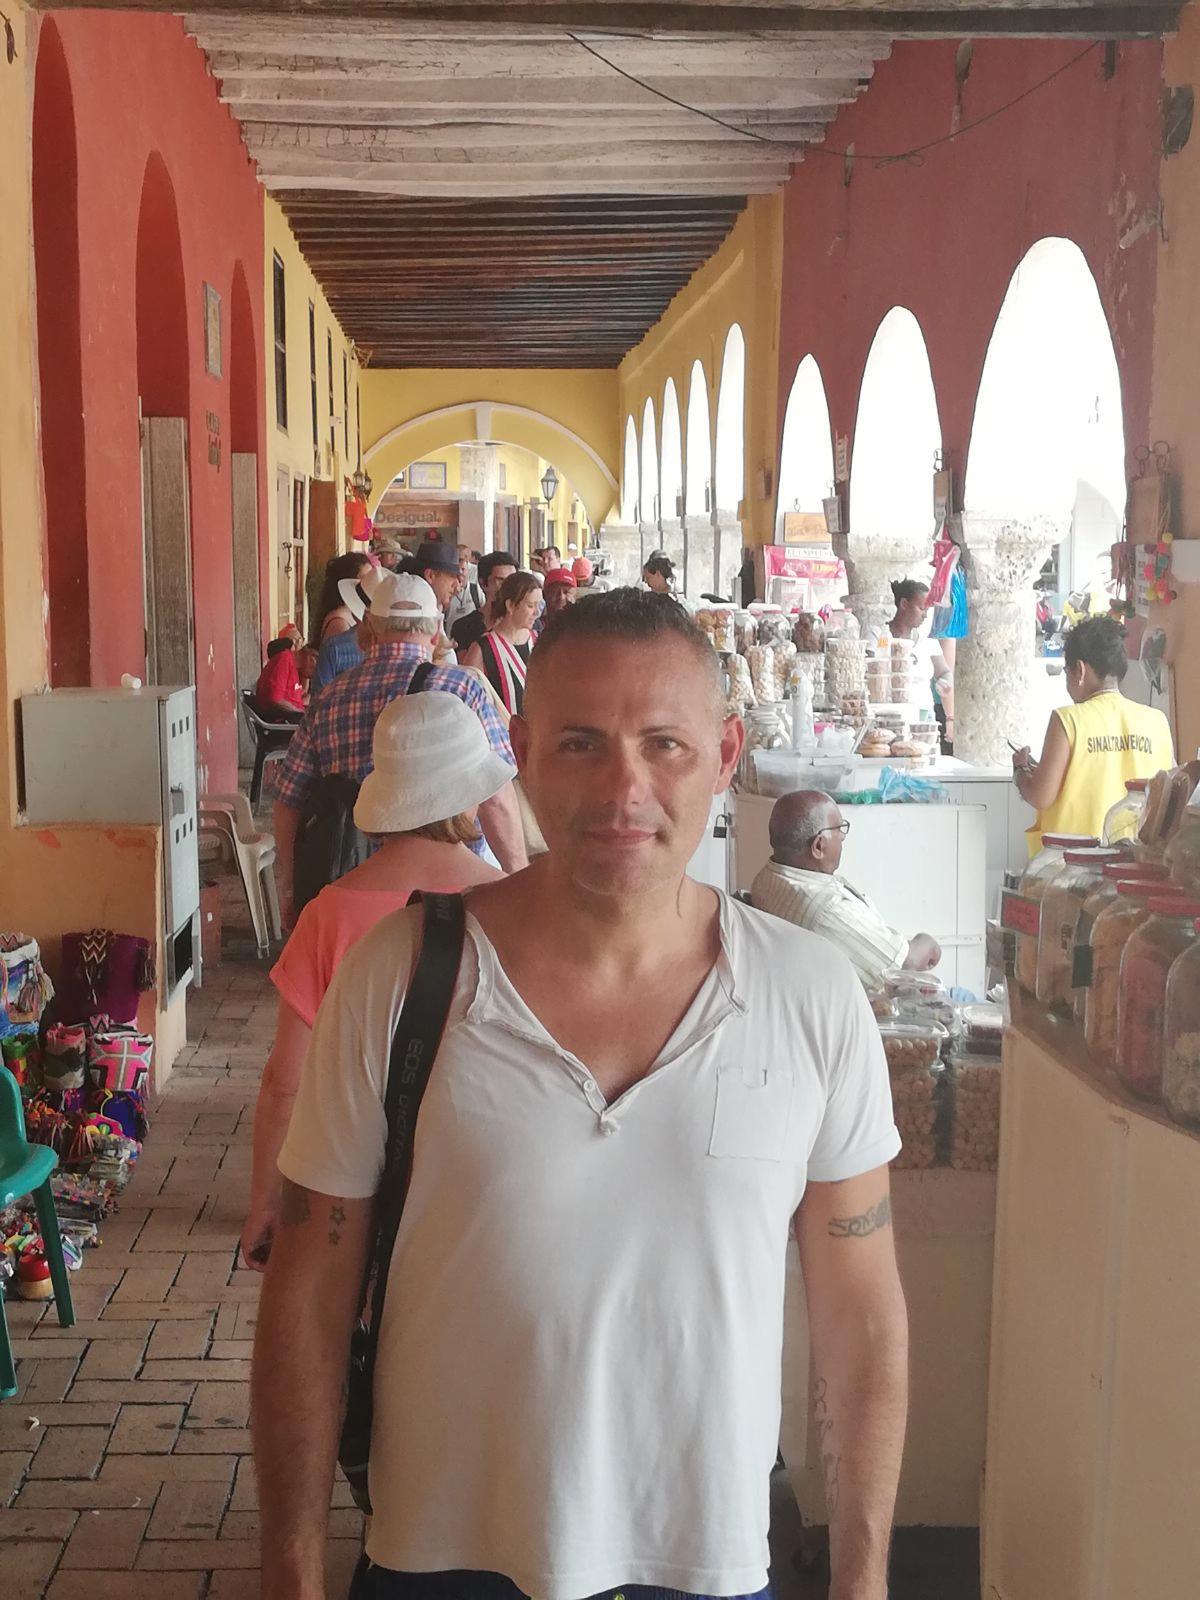 El Portal de los dulces, Cartagena